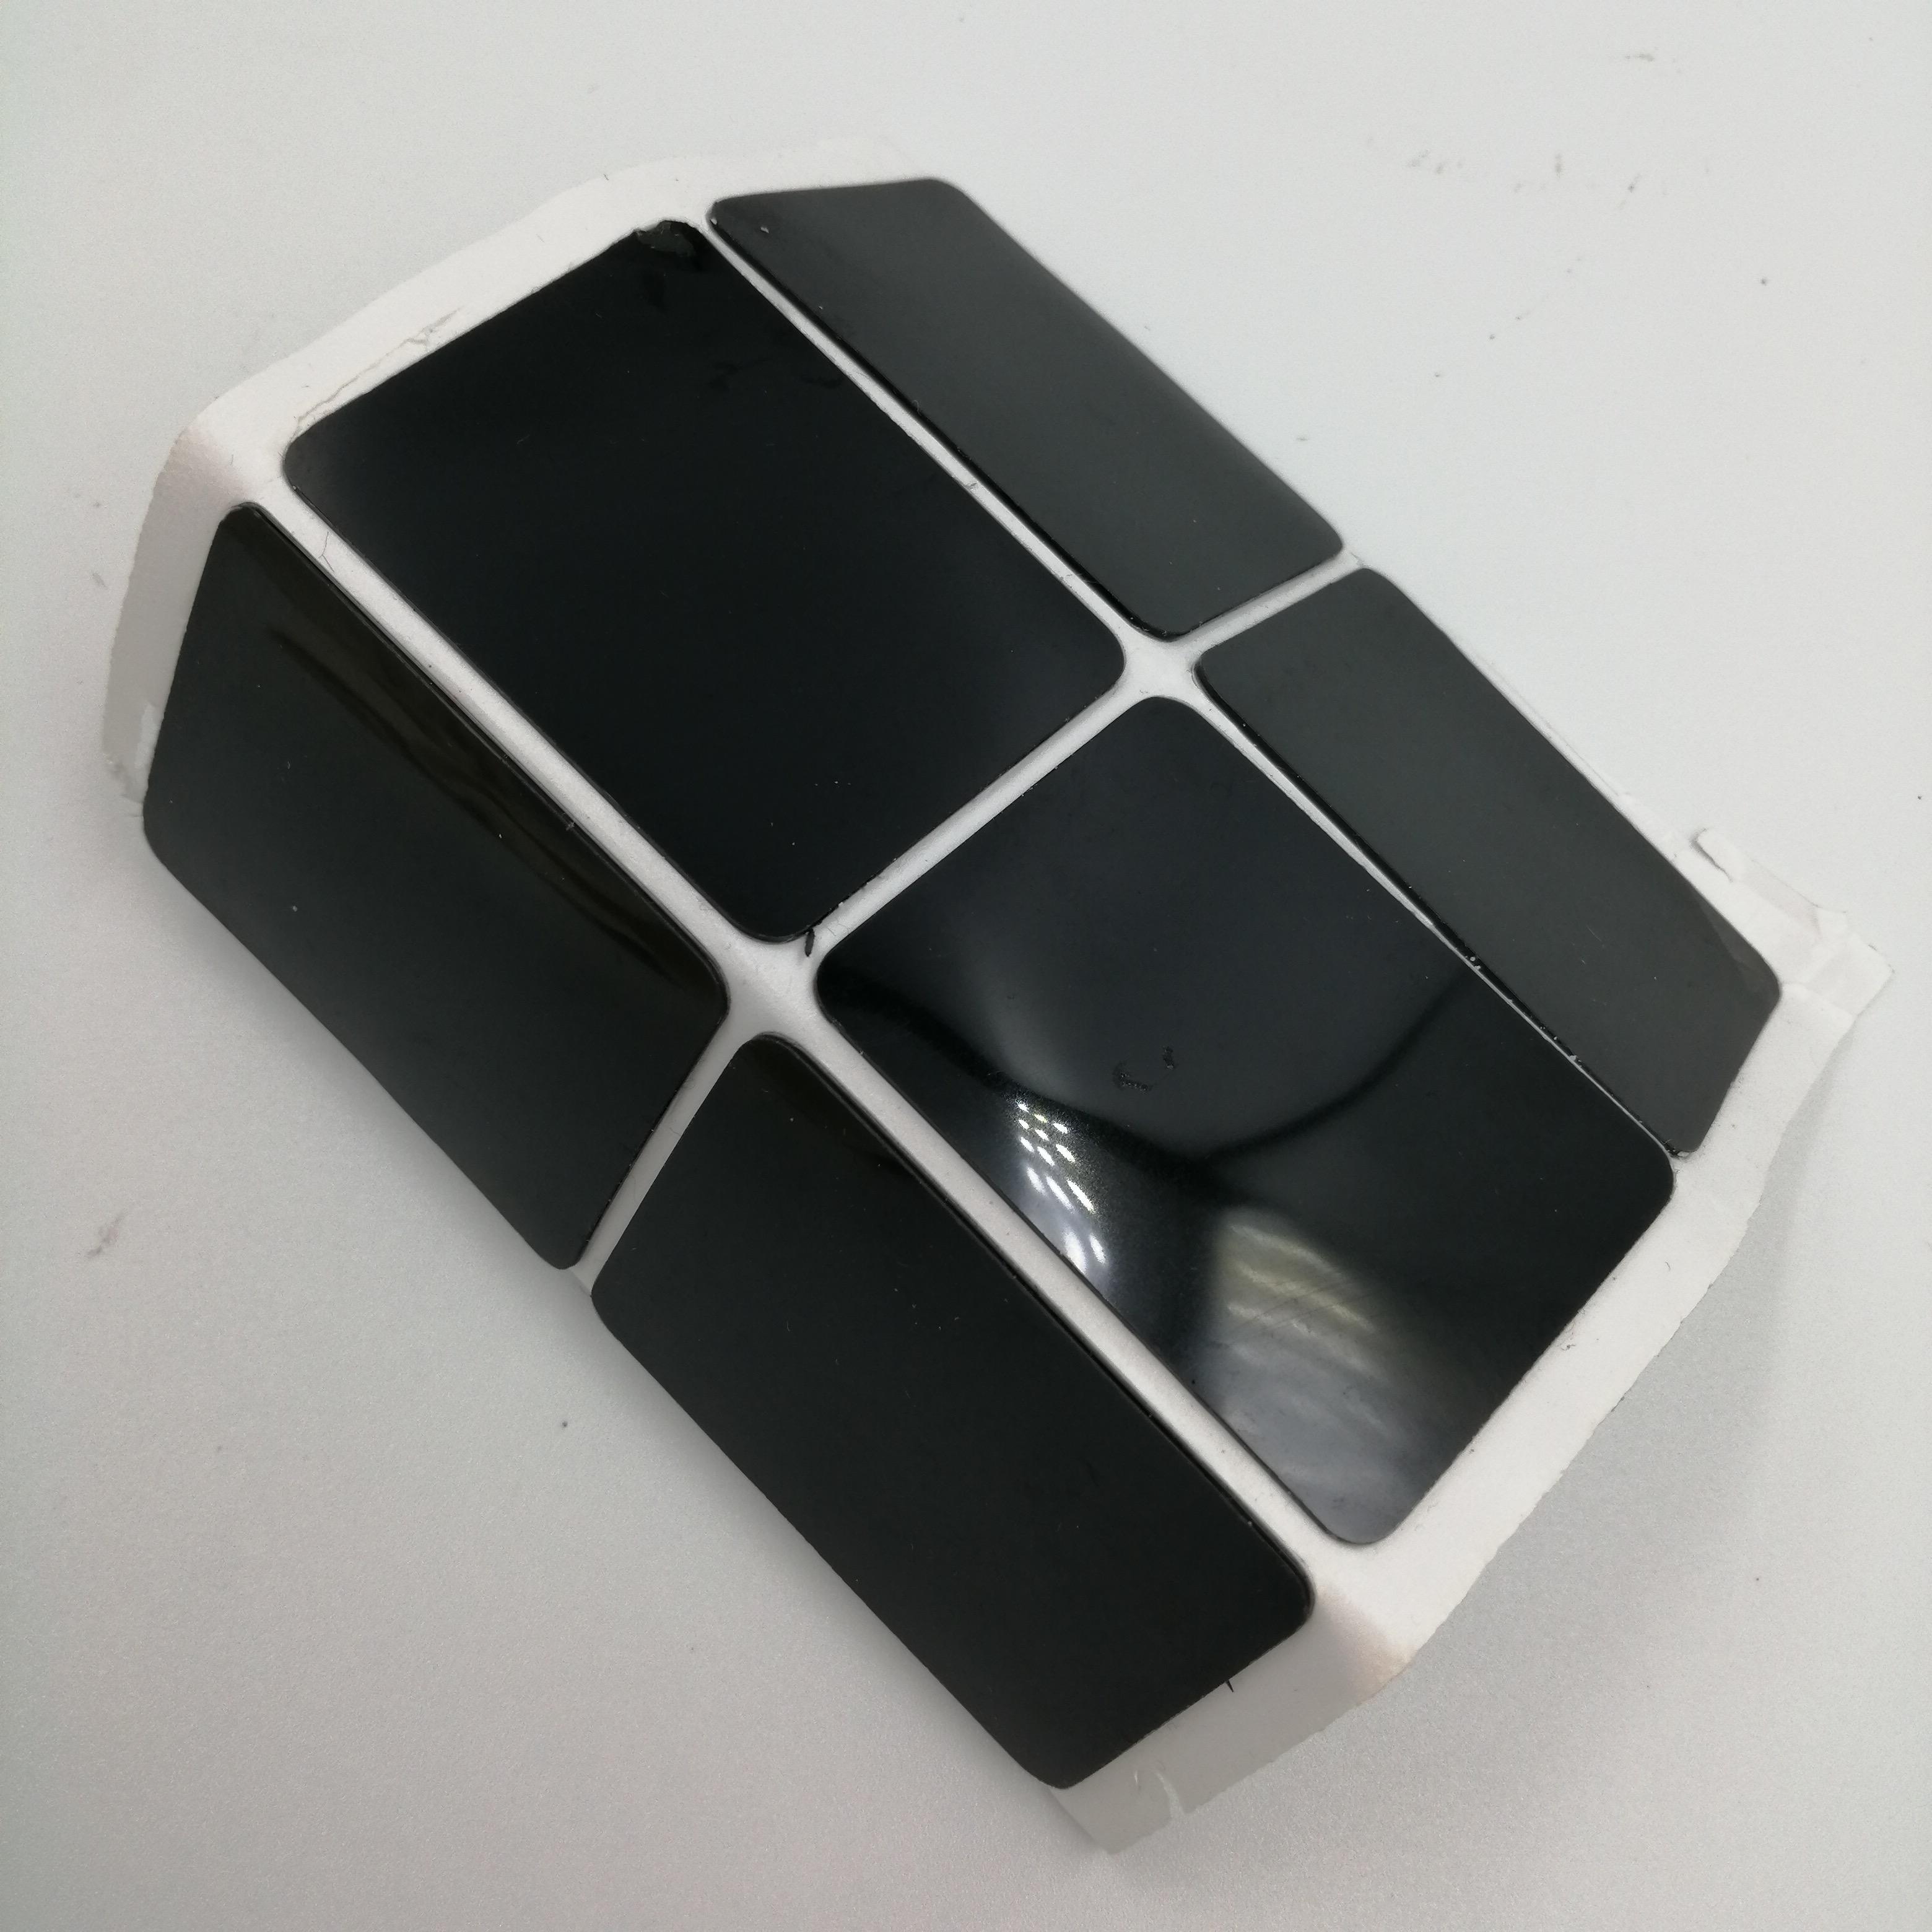 模切定制無痕可移雙面膠 透明黑色白色pu水洗手機支架用 可移膠